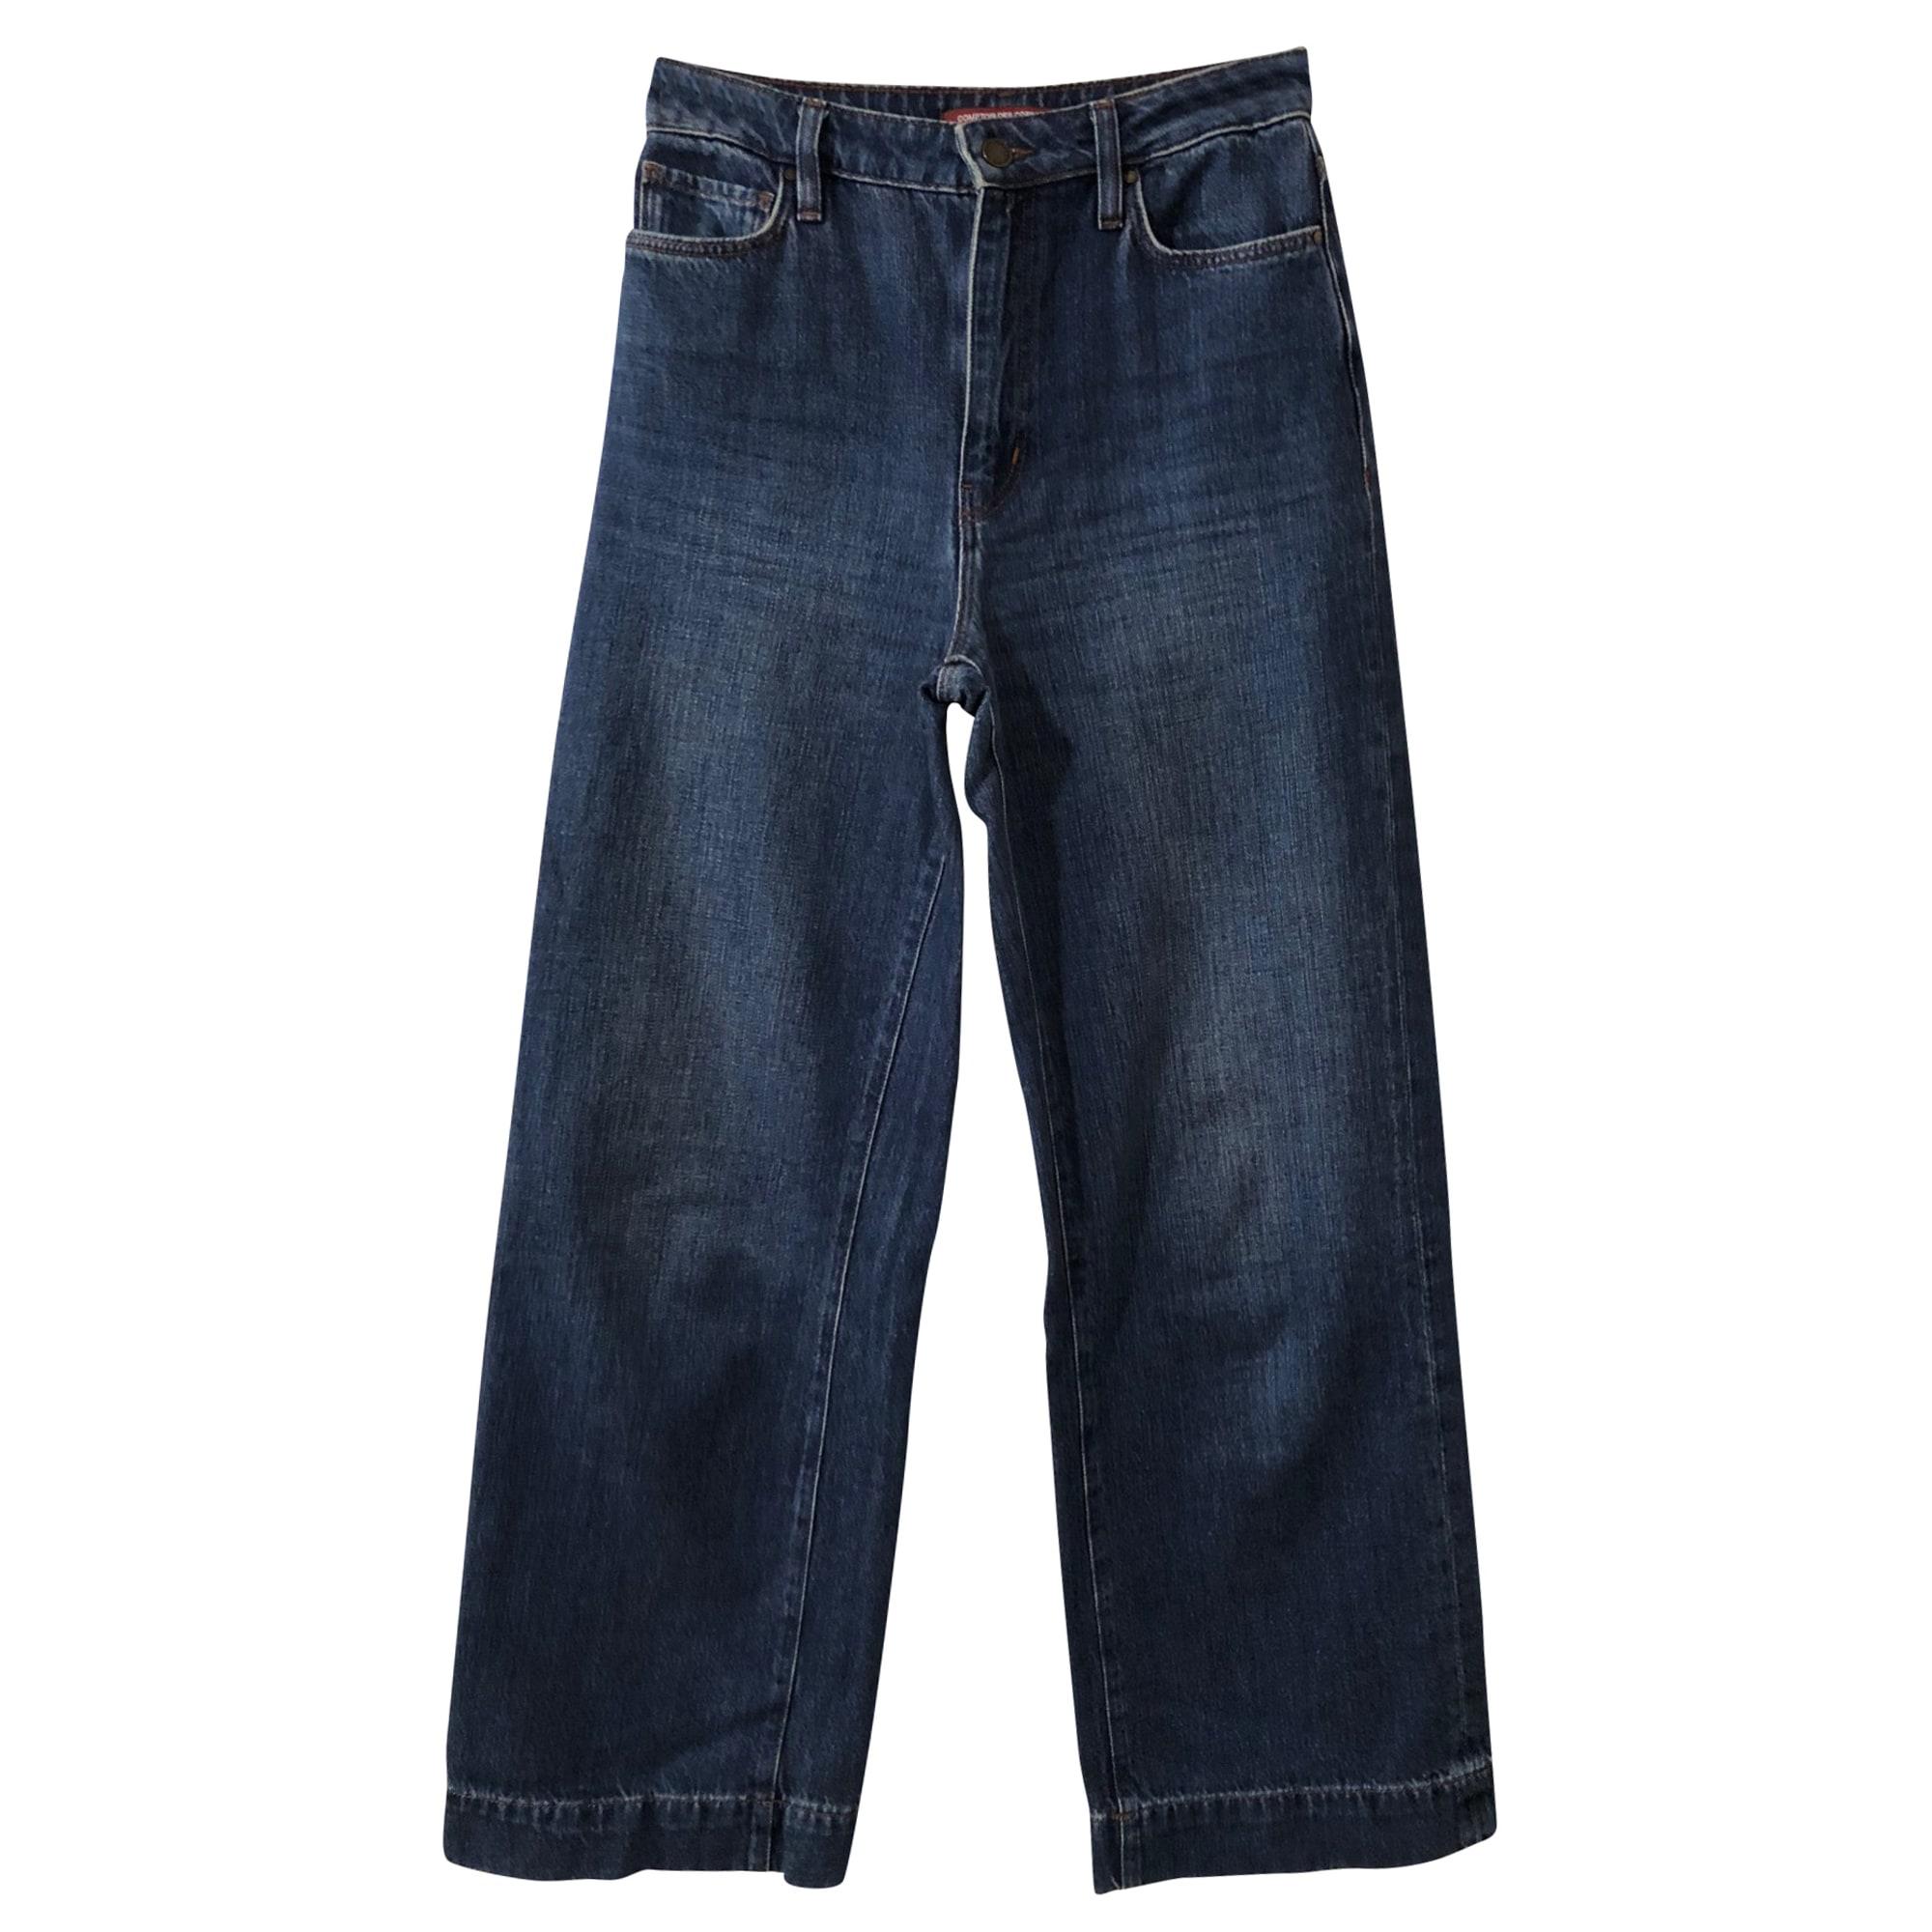 Jeans très evasé, patte d'éléphant COMPTOIR DES COTONNIERS Bleu, bleu marine, bleu turquoise